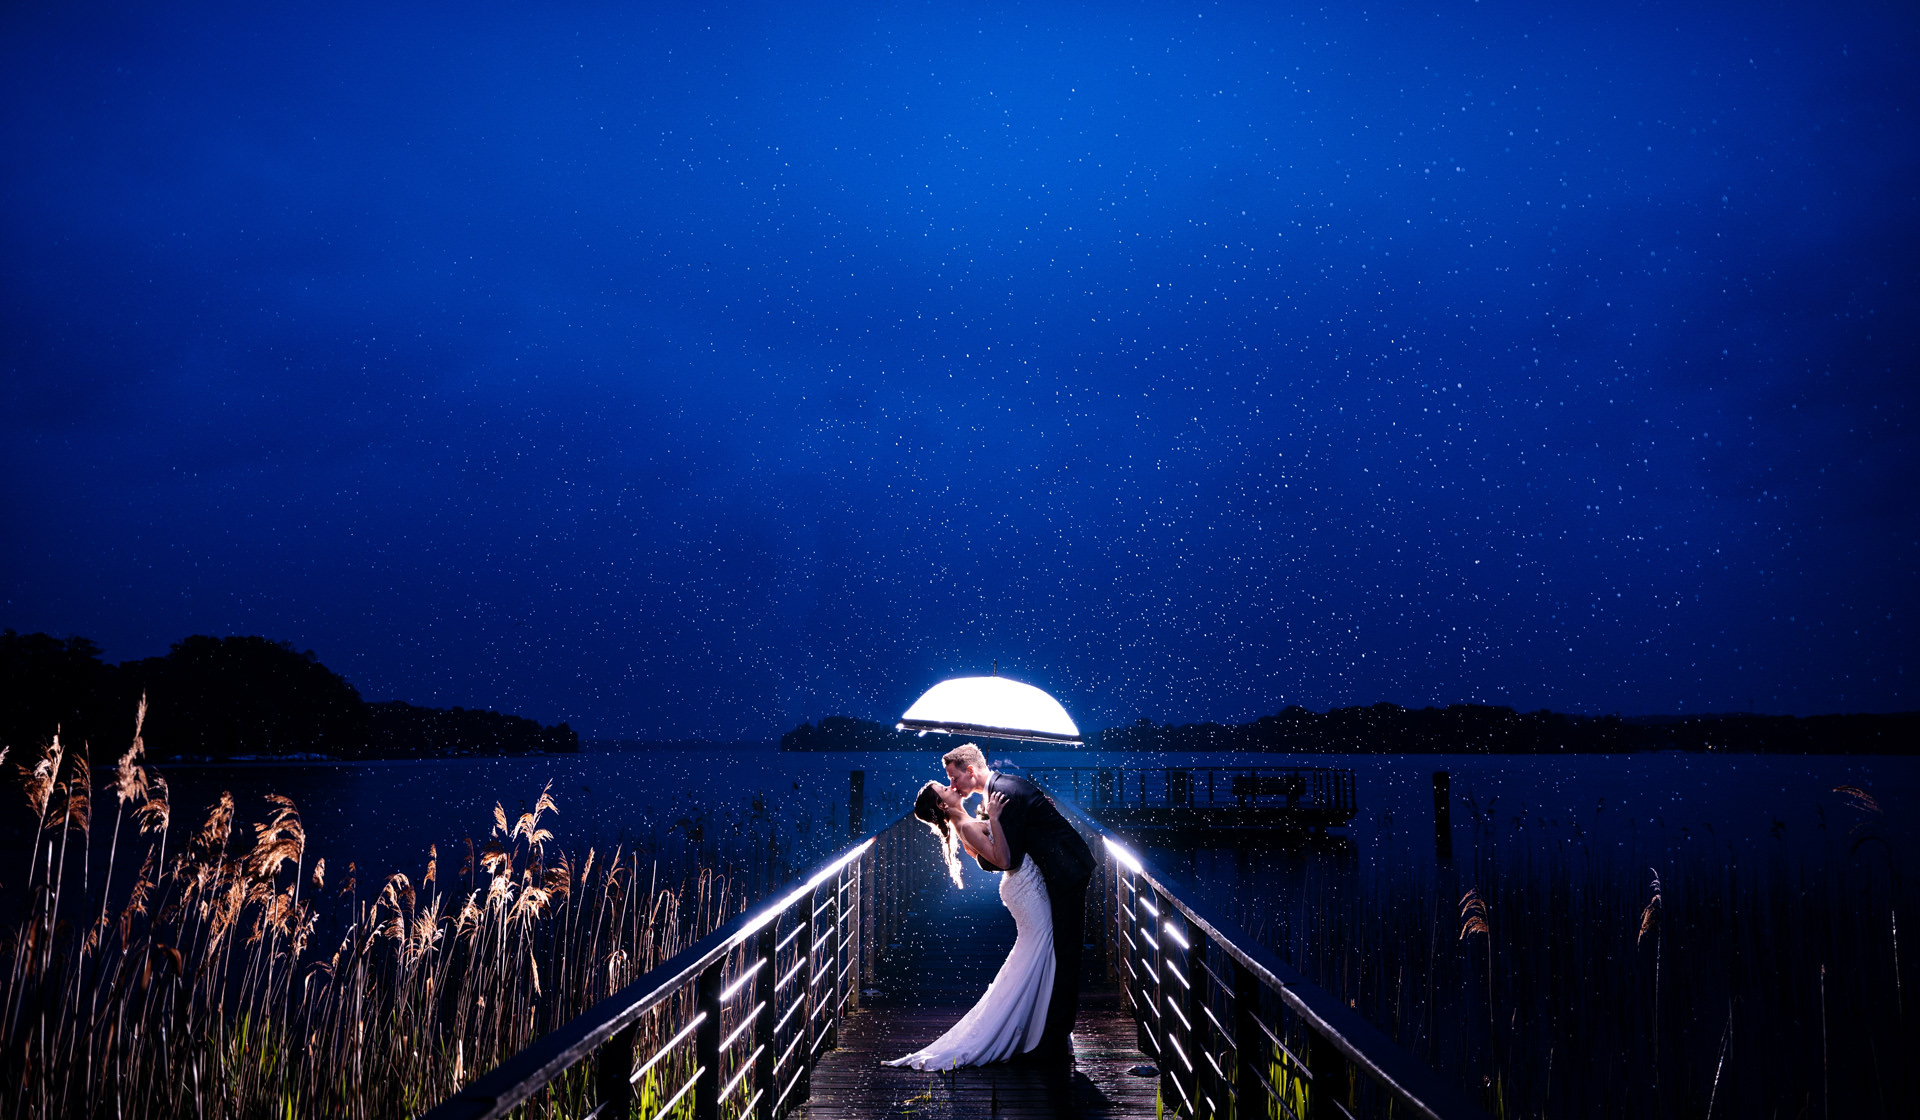 Brautpaar im Regen in Bad Saarow am Steg zum Scharmützelsee